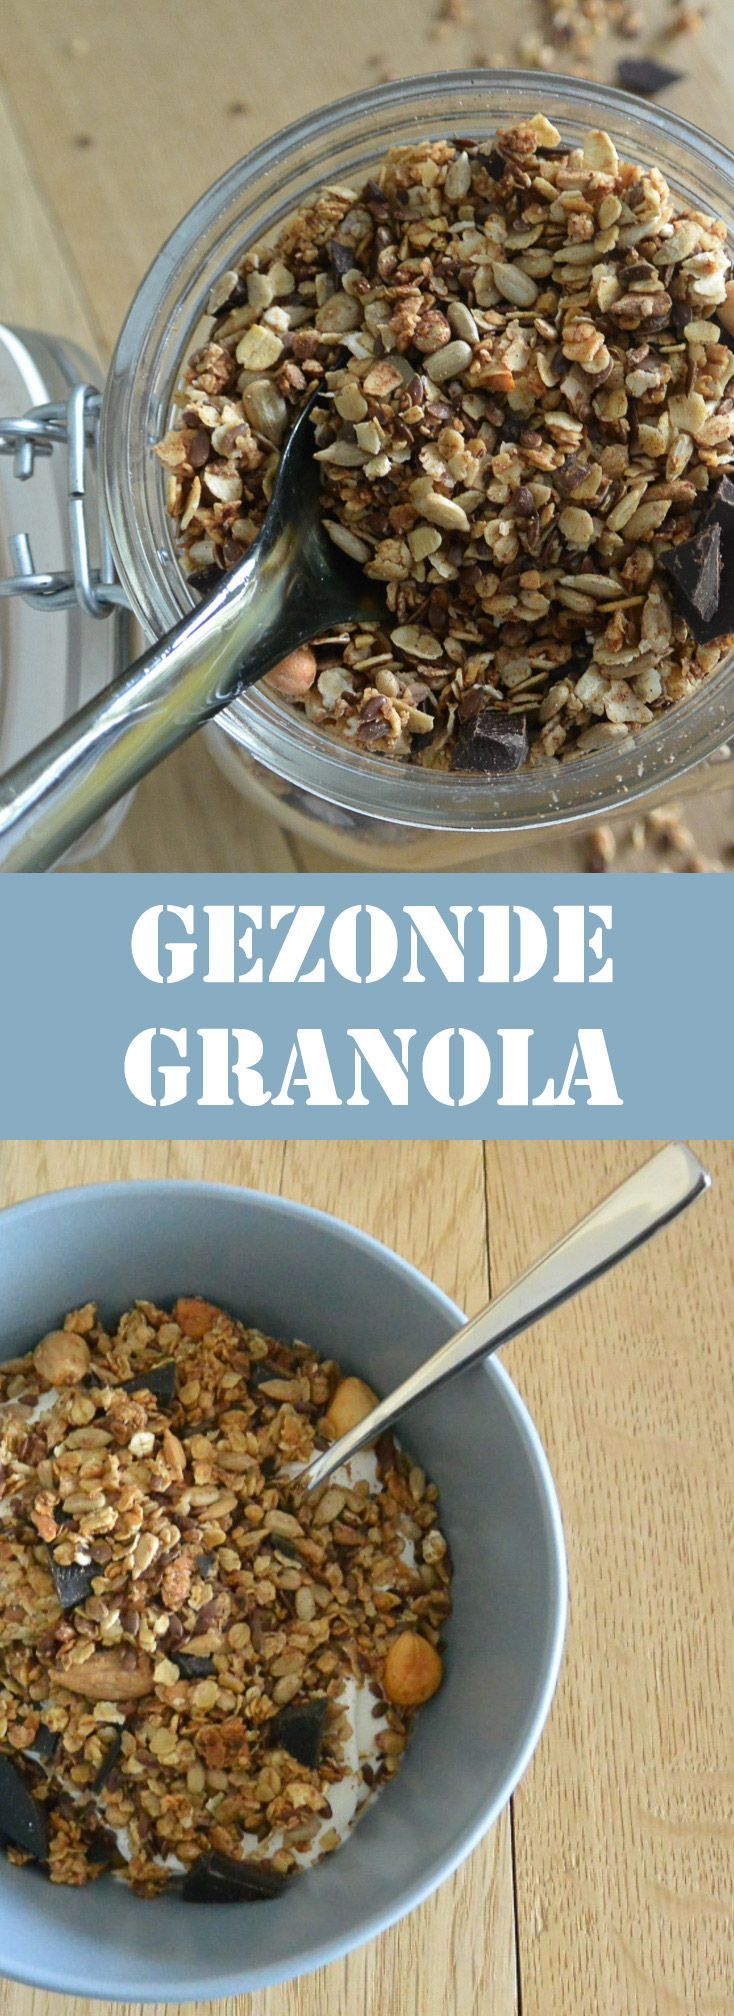 Deze gezonde granola is simpel te maken en is ook nog eens gezond. In dit recept zitten zaden en noten die vol met goede voedingstoffen zitten.